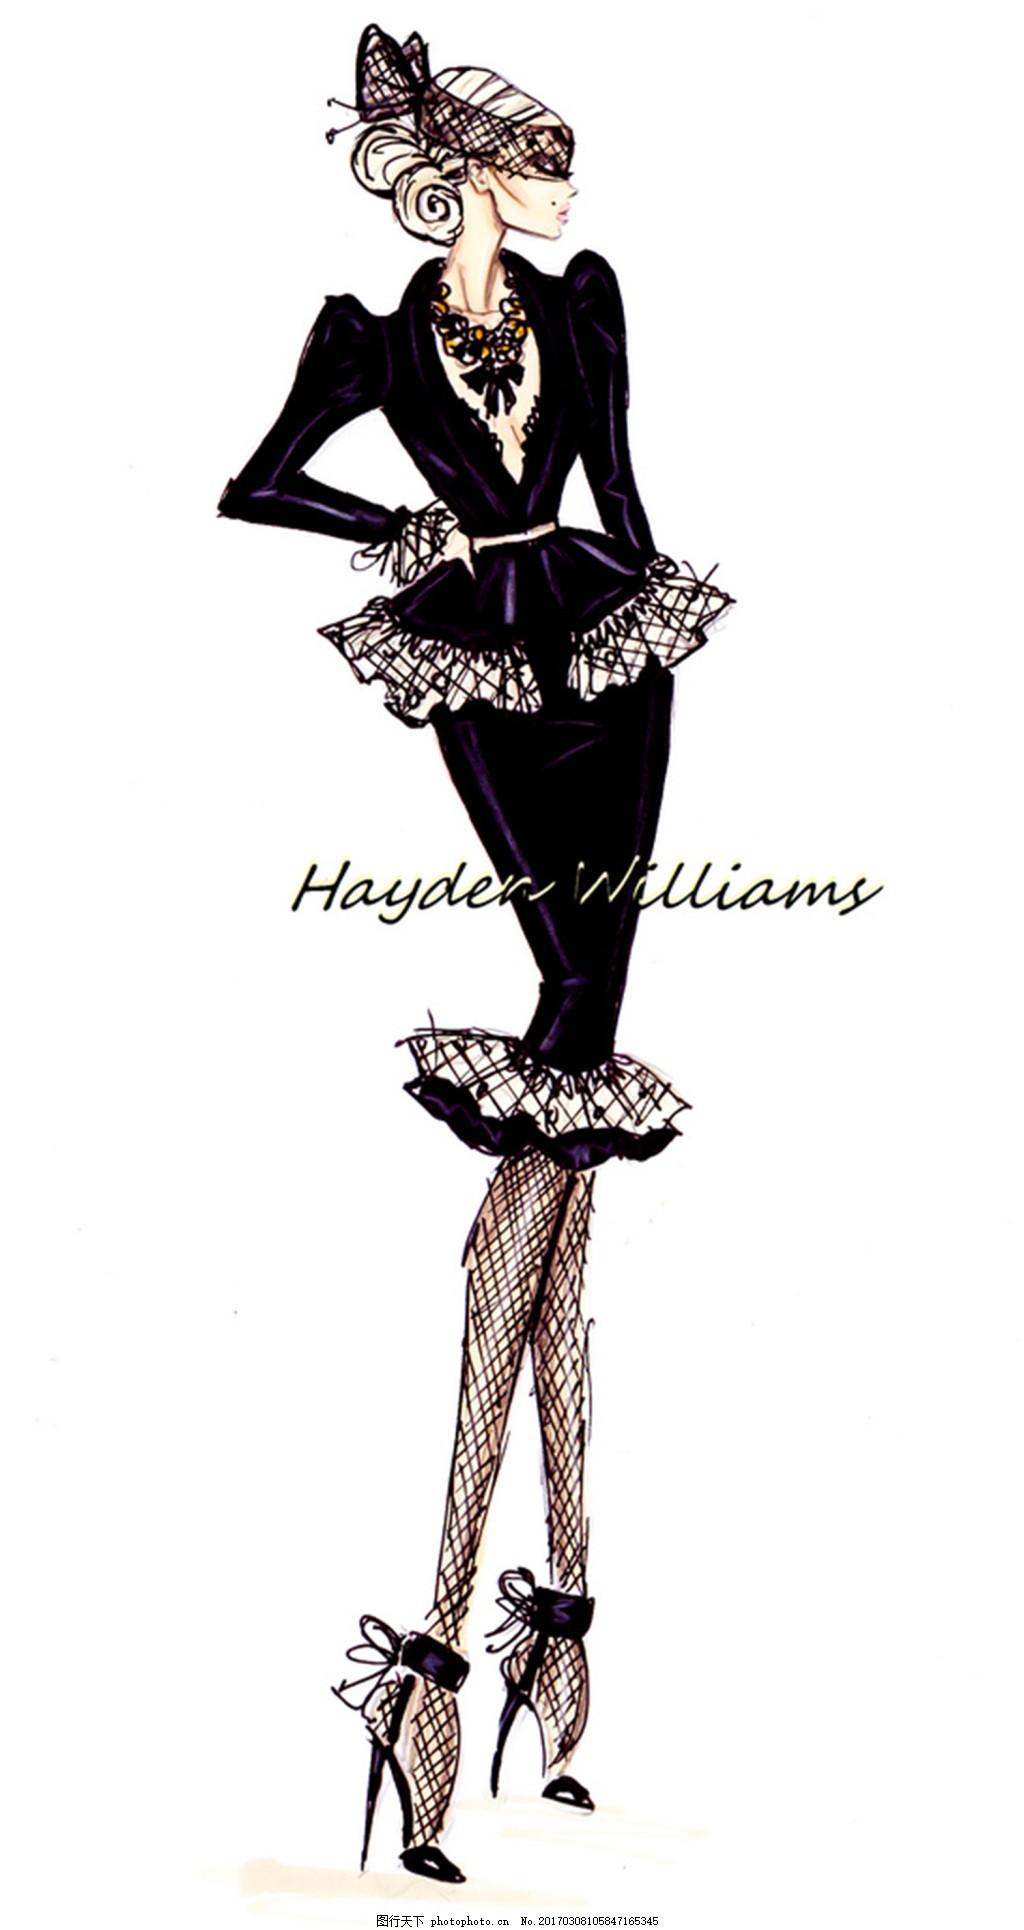 服装设计 时尚女装 职业女装 职业装 女装设计效果图 jpg 短裙 衬衫